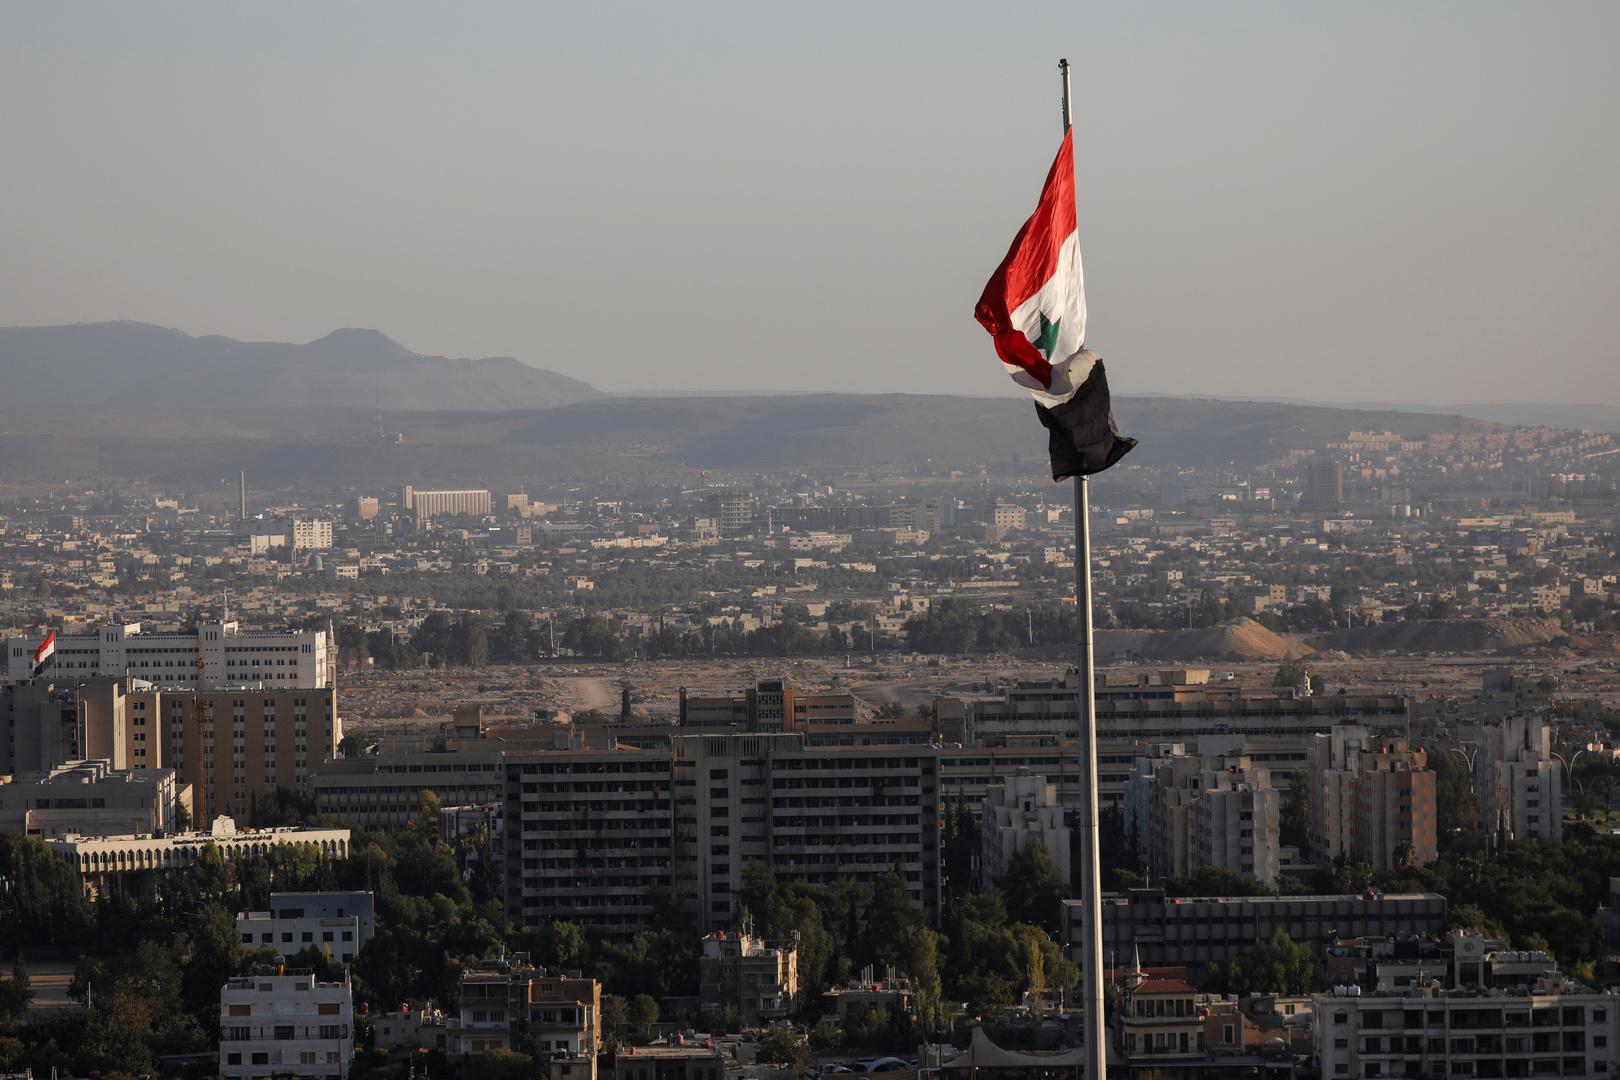 شاهد بالصور ملايين الحبوب المخدرة على أوتستراد حمص دمشق